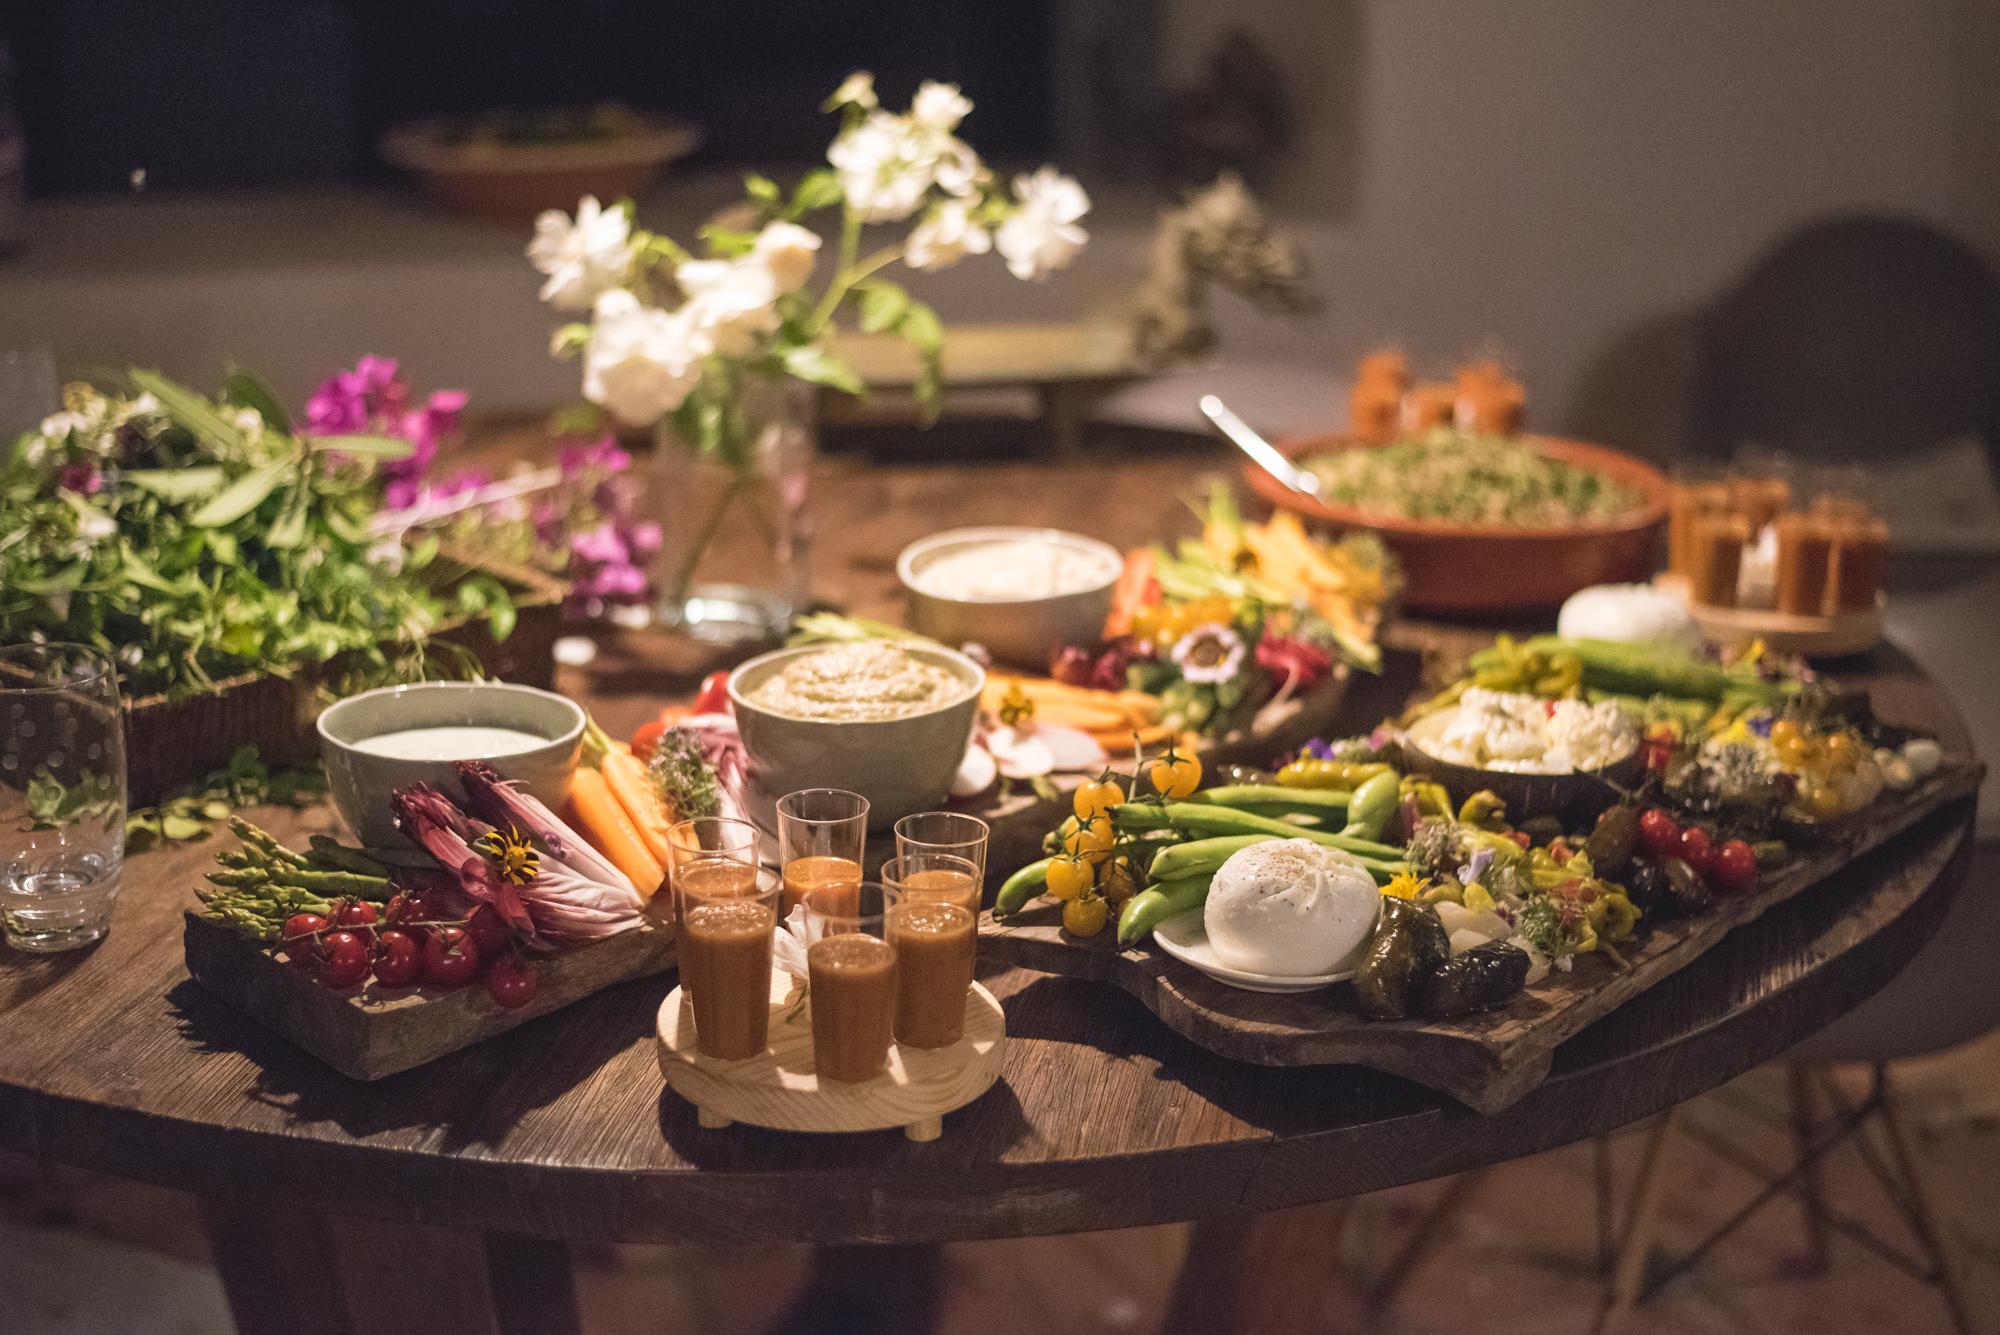 Summer Solstice celebration dinner